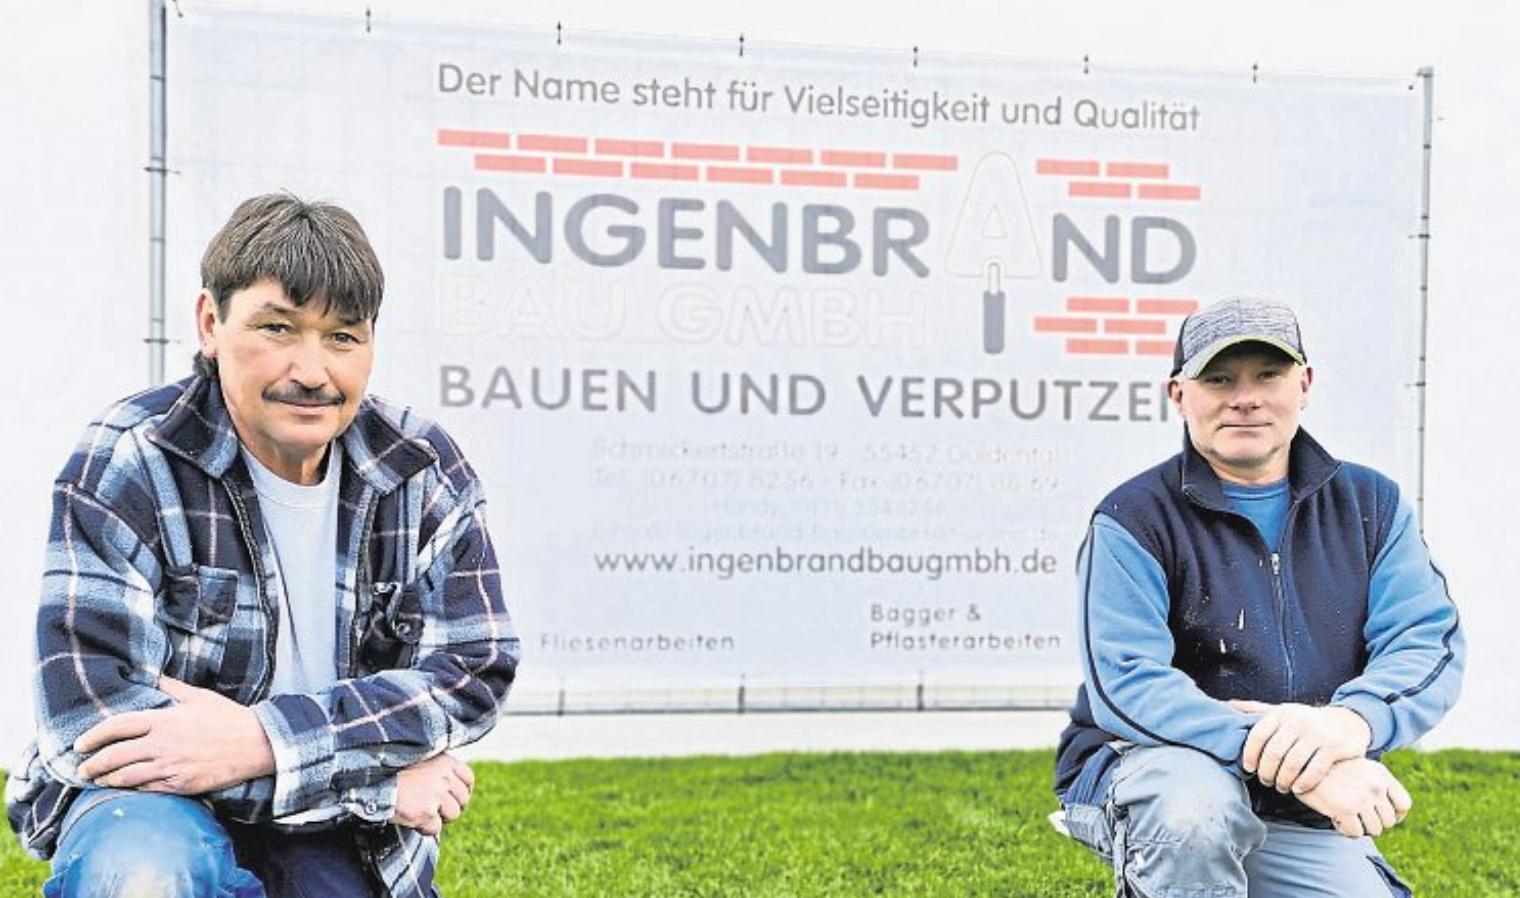 Dietmar Pieroth (Meister) und Zolt Zaki unterstützen die Ingenbrand Bau GmbH seit 1996 und sind kompetente Ansprechpartner für die Kunden.